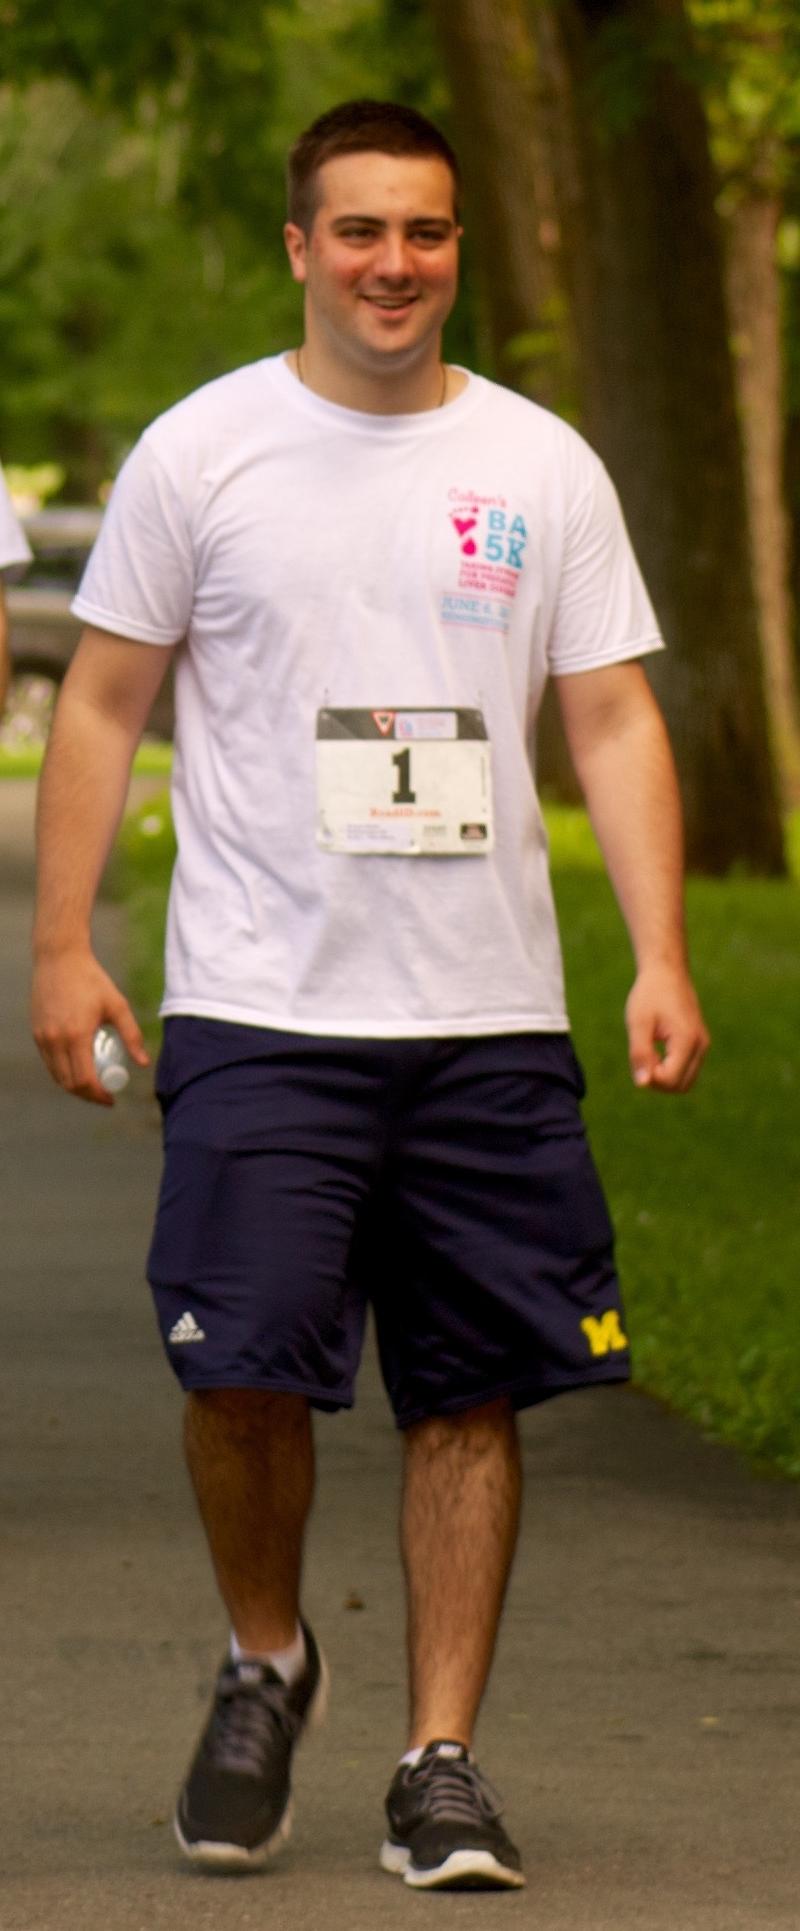 James Run2015